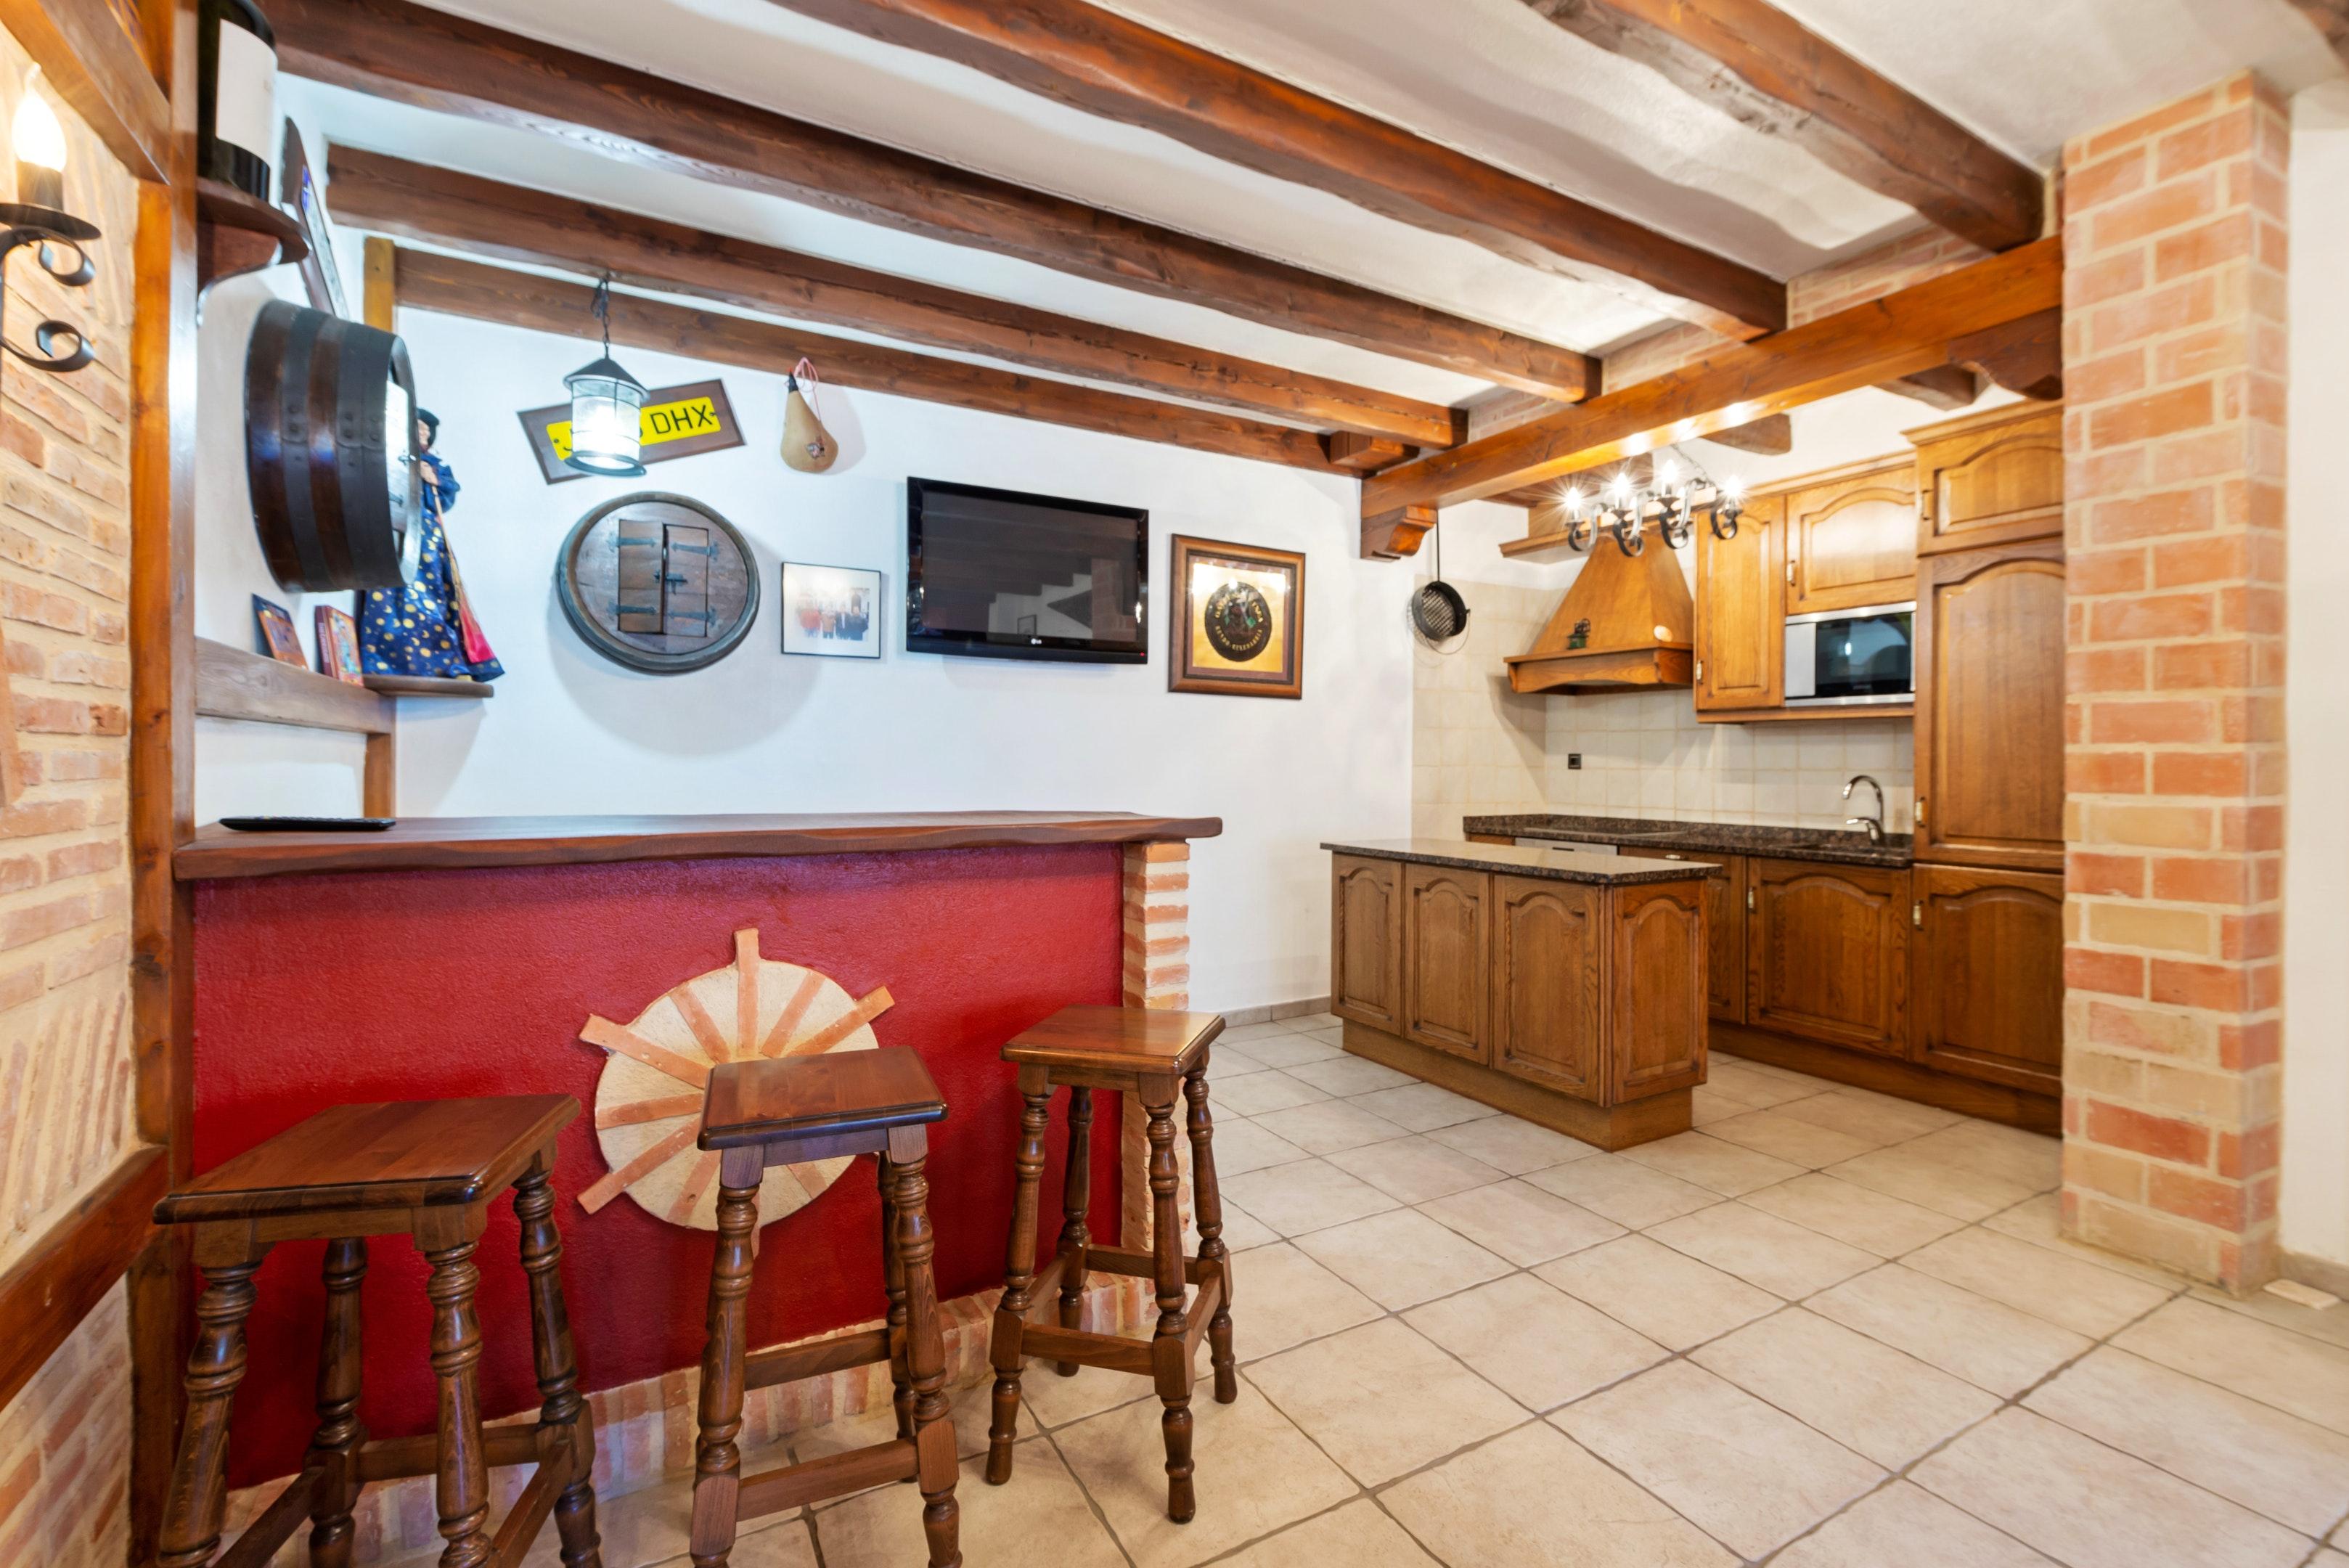 Ferienhaus Villa mit 6 Schlafzimmern in Bizkaia mit privatem Pool und möblierter Terrasse (2519370), Dima, Bizkaia, Baskenland, Spanien, Bild 14